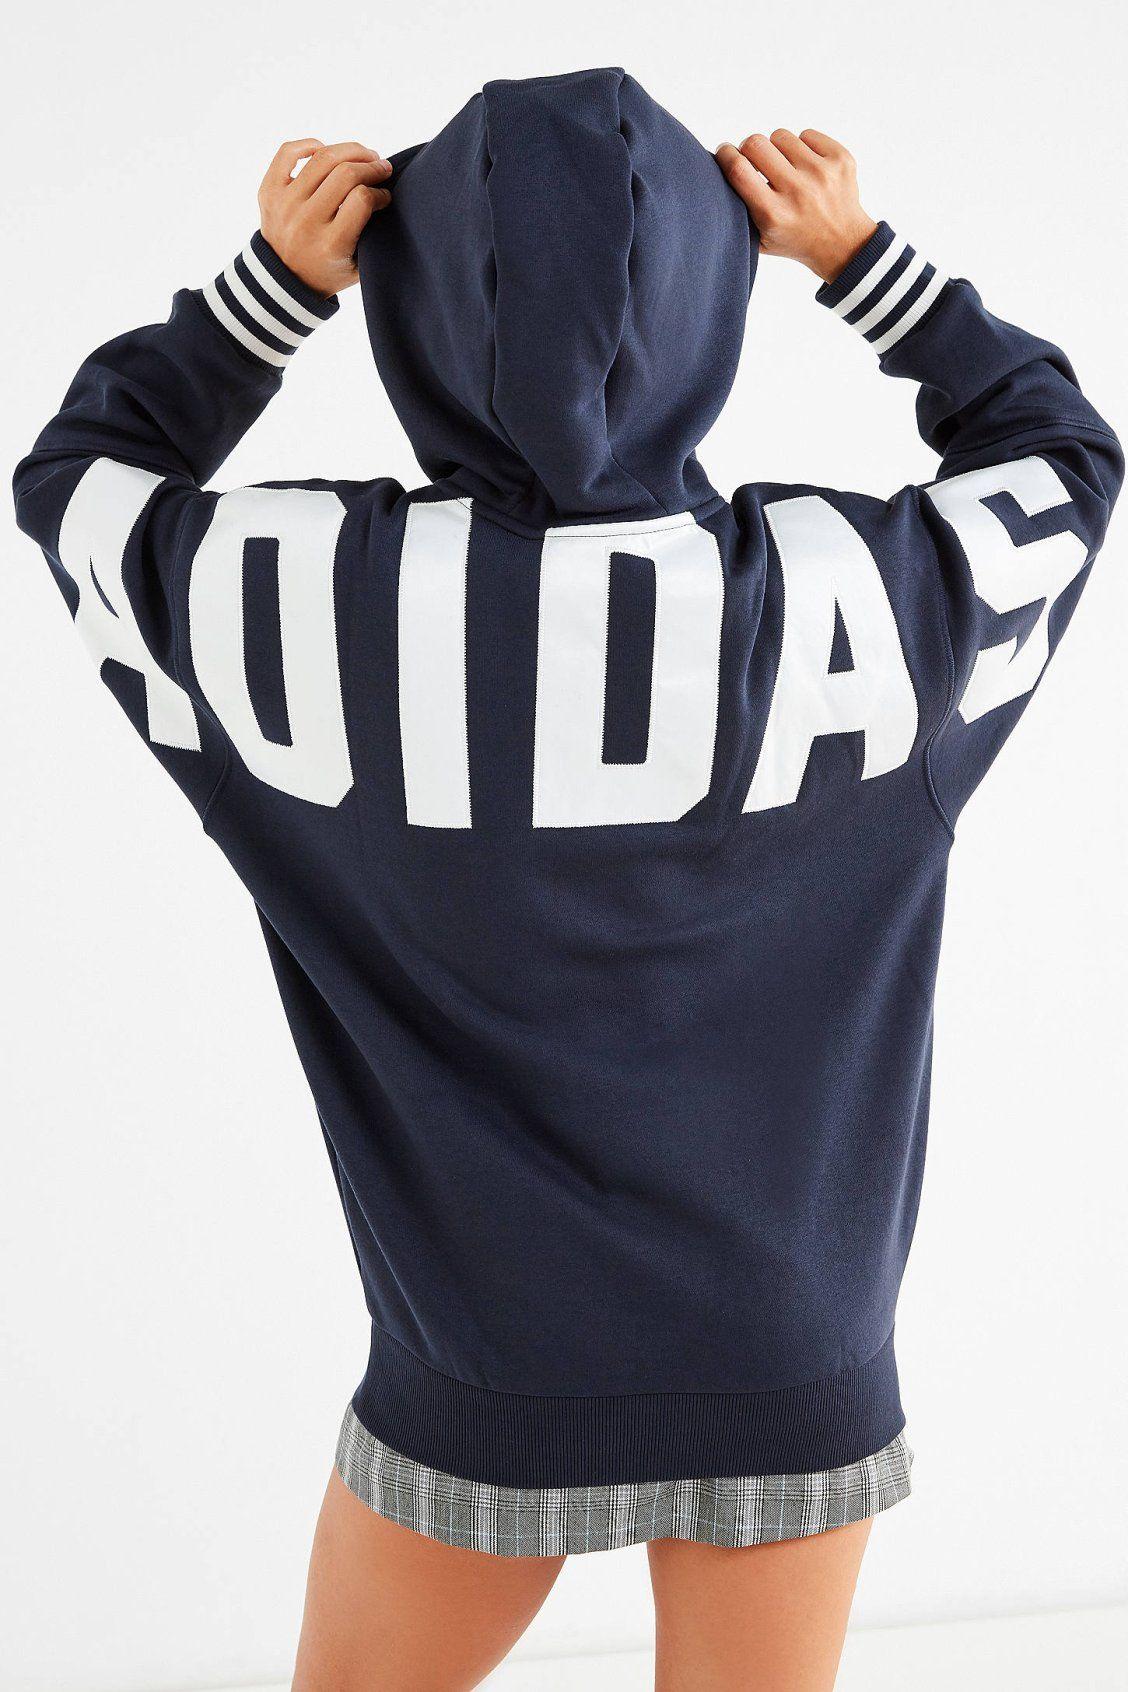 aec6ae2031a5e adidas Originals Fuzzy Hoodie Sweatshirt